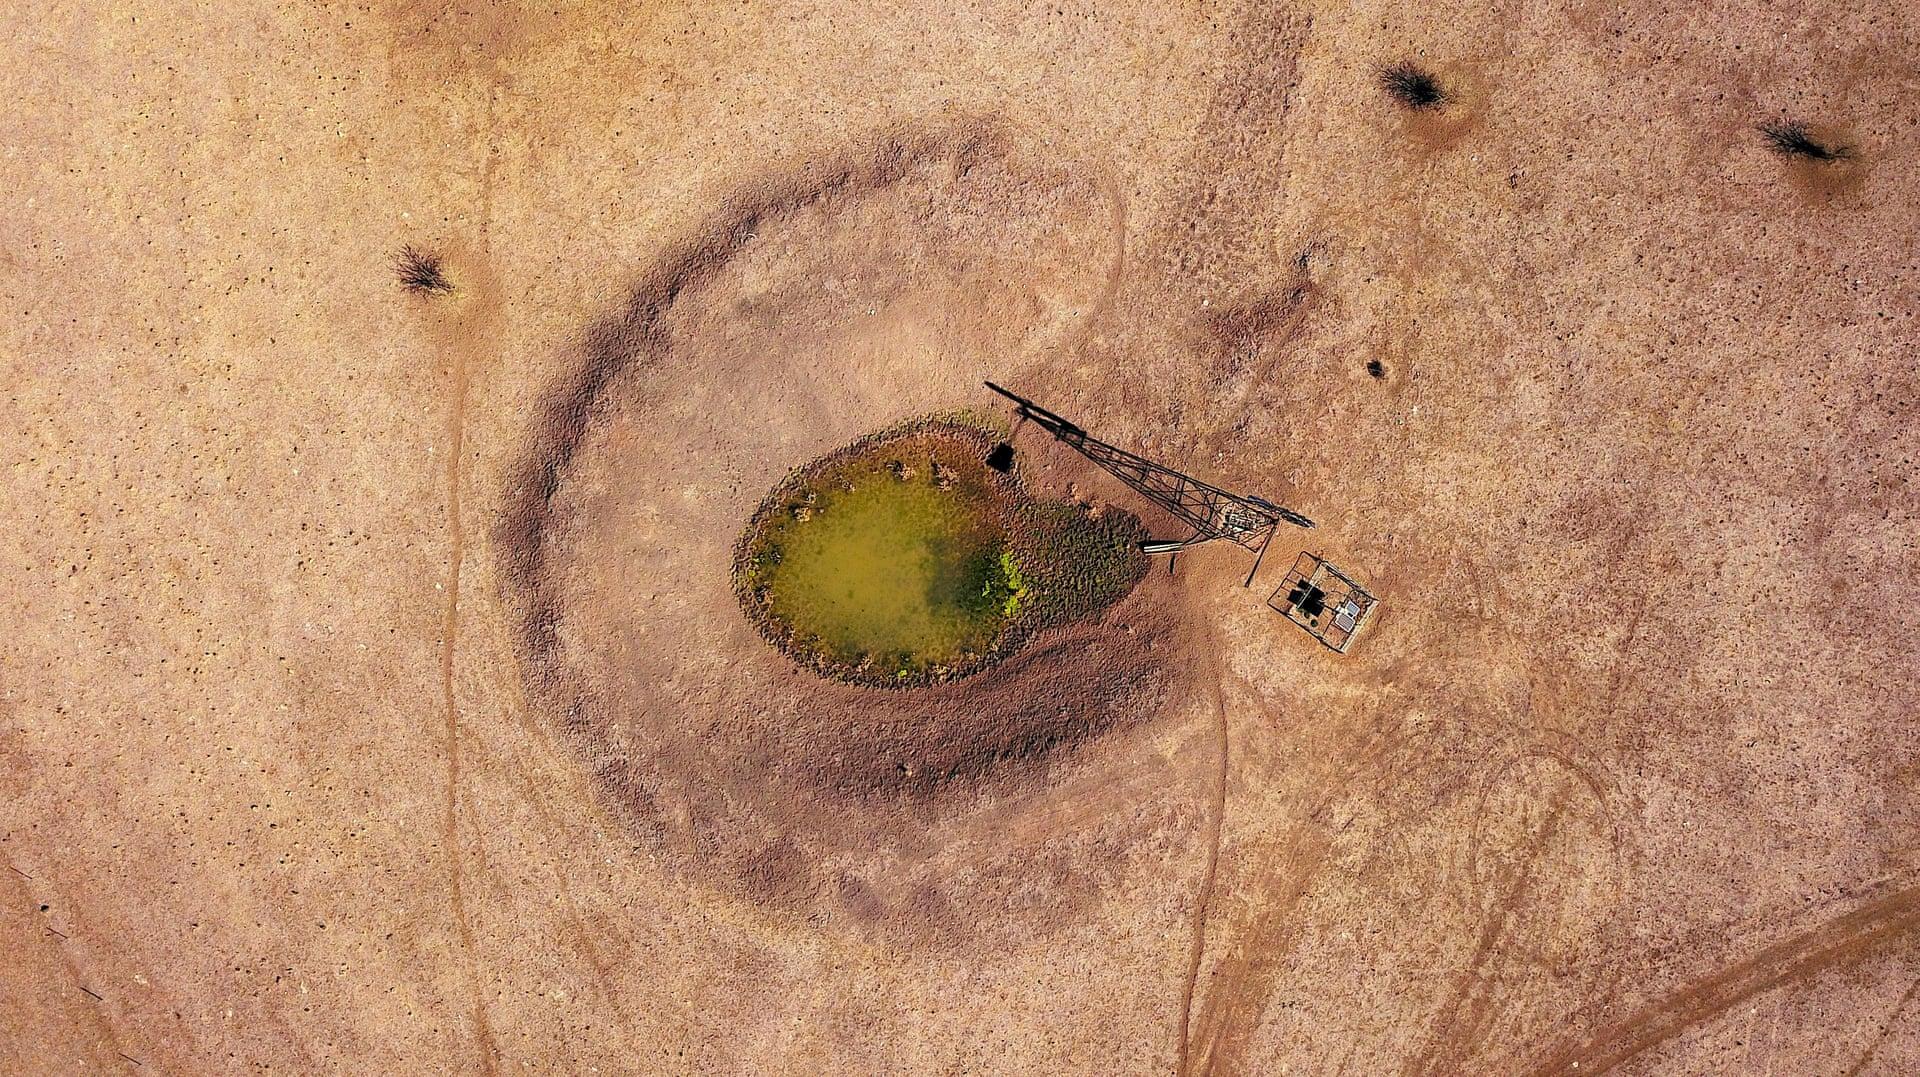 Фото дня: засуха в Австралии с высоты птичьего полета Фото дня: засуха в Австралии с высоты птичьего полета 3500 20 10